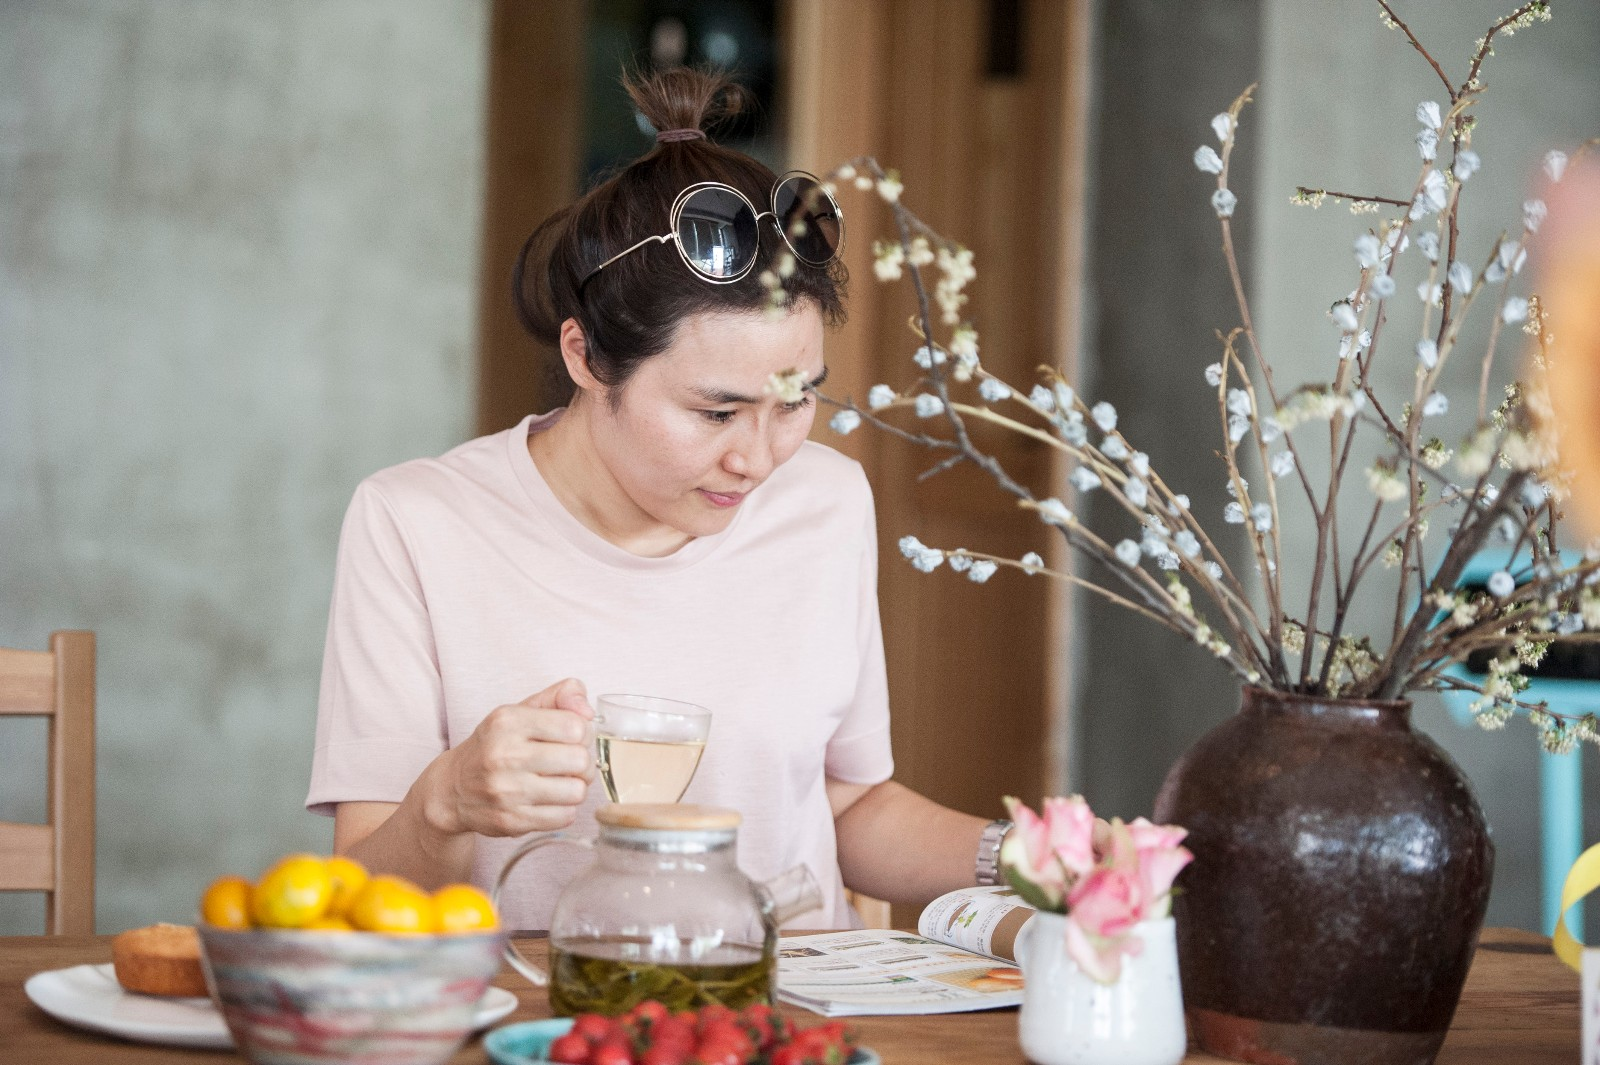 合肥安徽:崔岗客栈村慢趴美女拍艺术美女了便宜图片